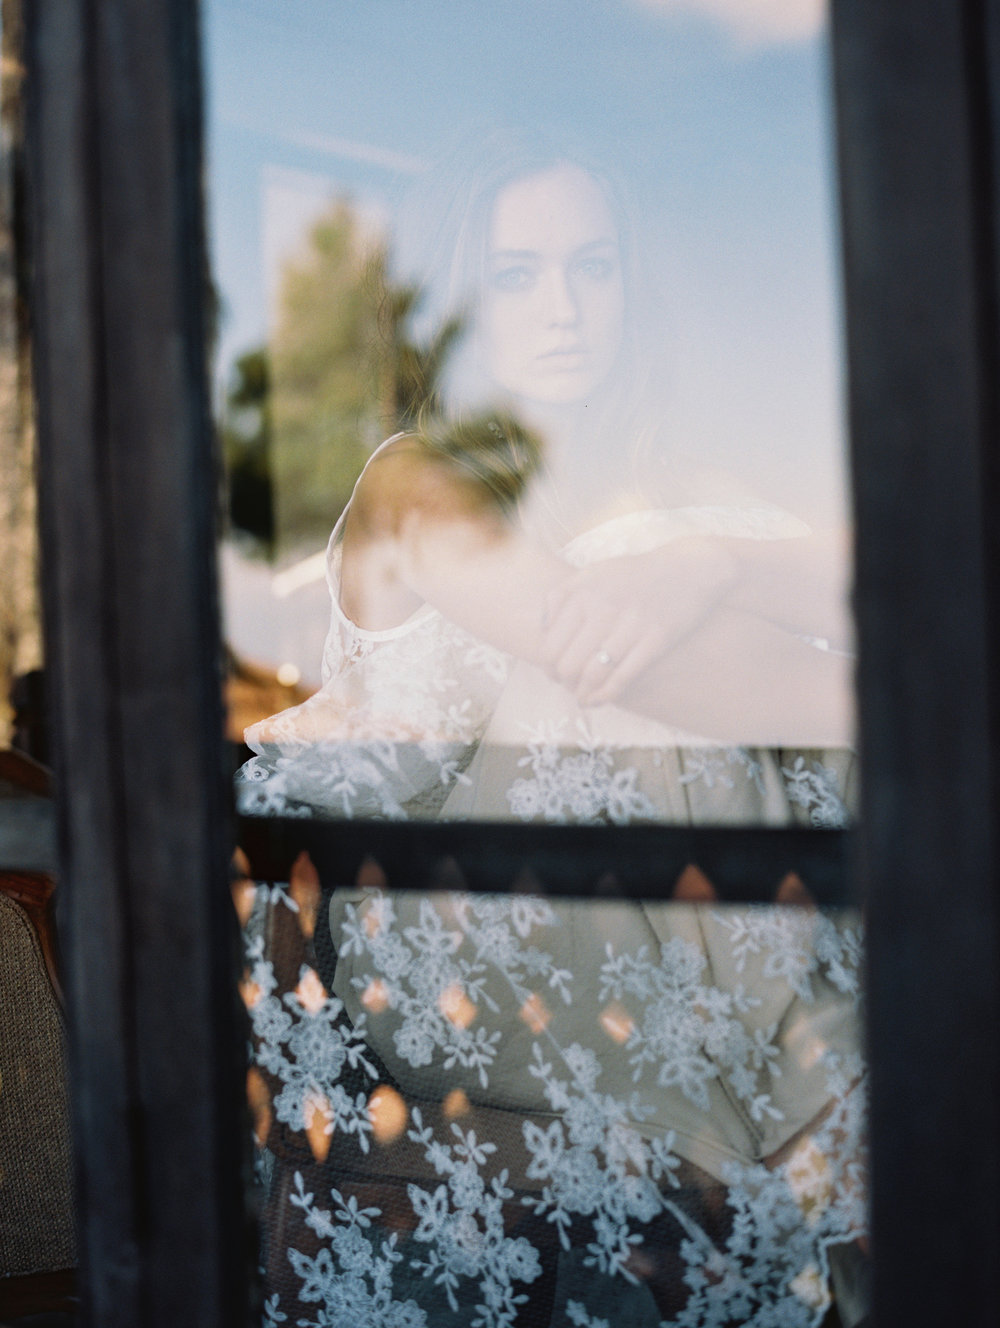 Nina&WesPhotography_MorningRetiscence_041.jpg